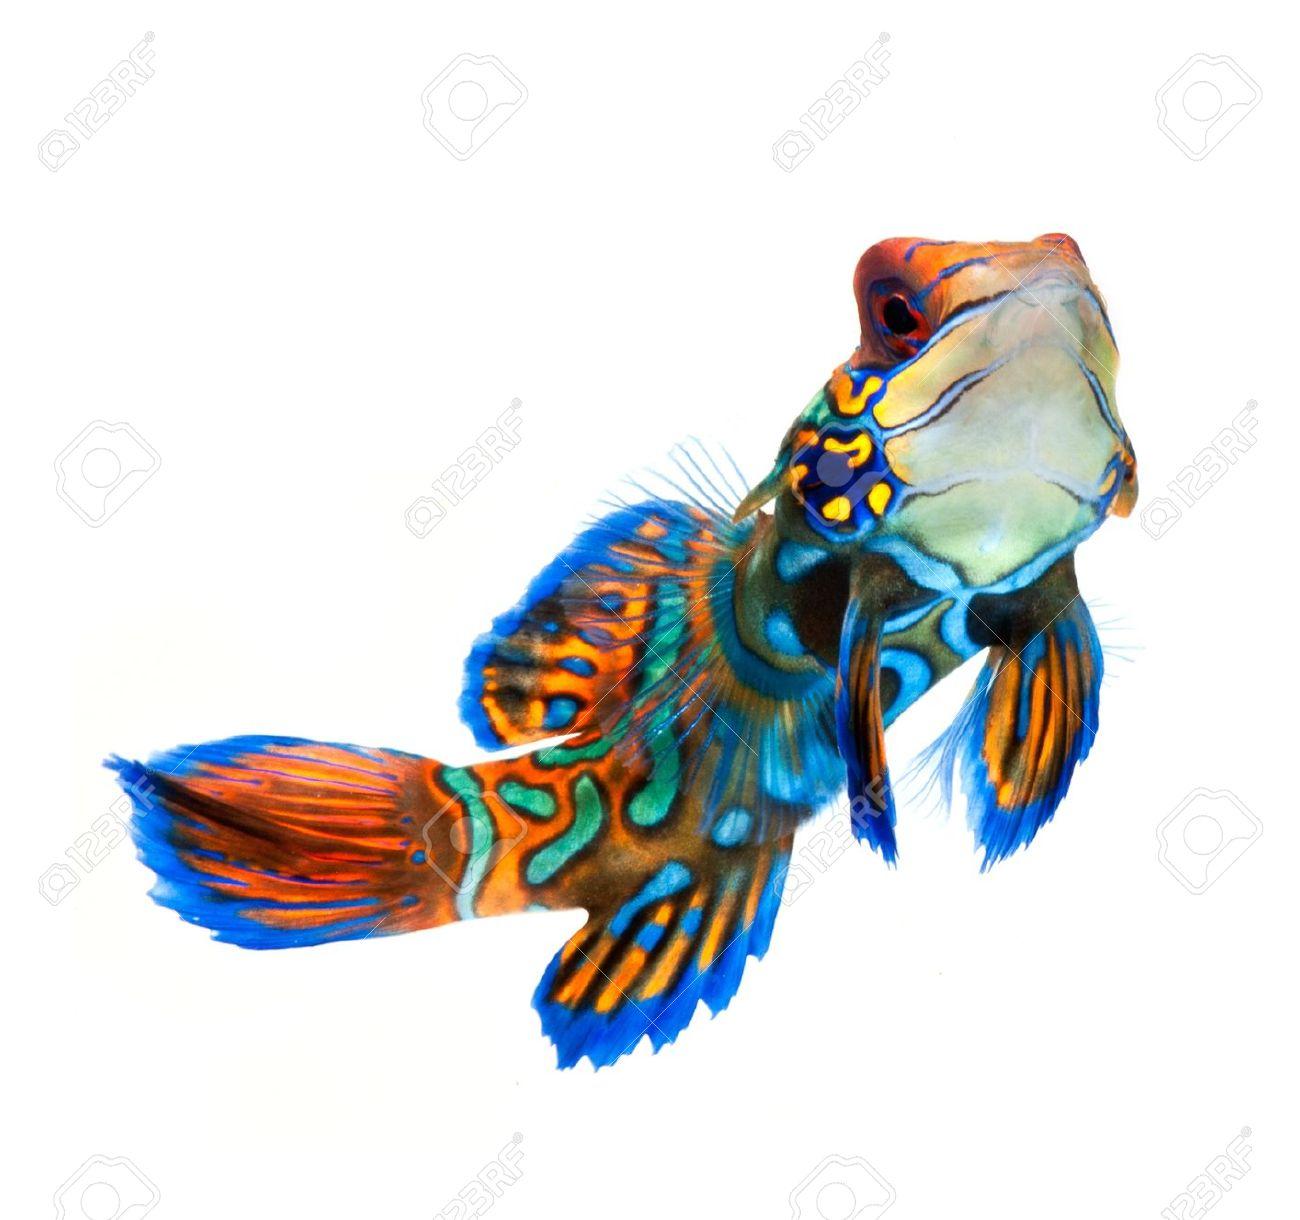 Mandarinfish clipart #3, Download drawings